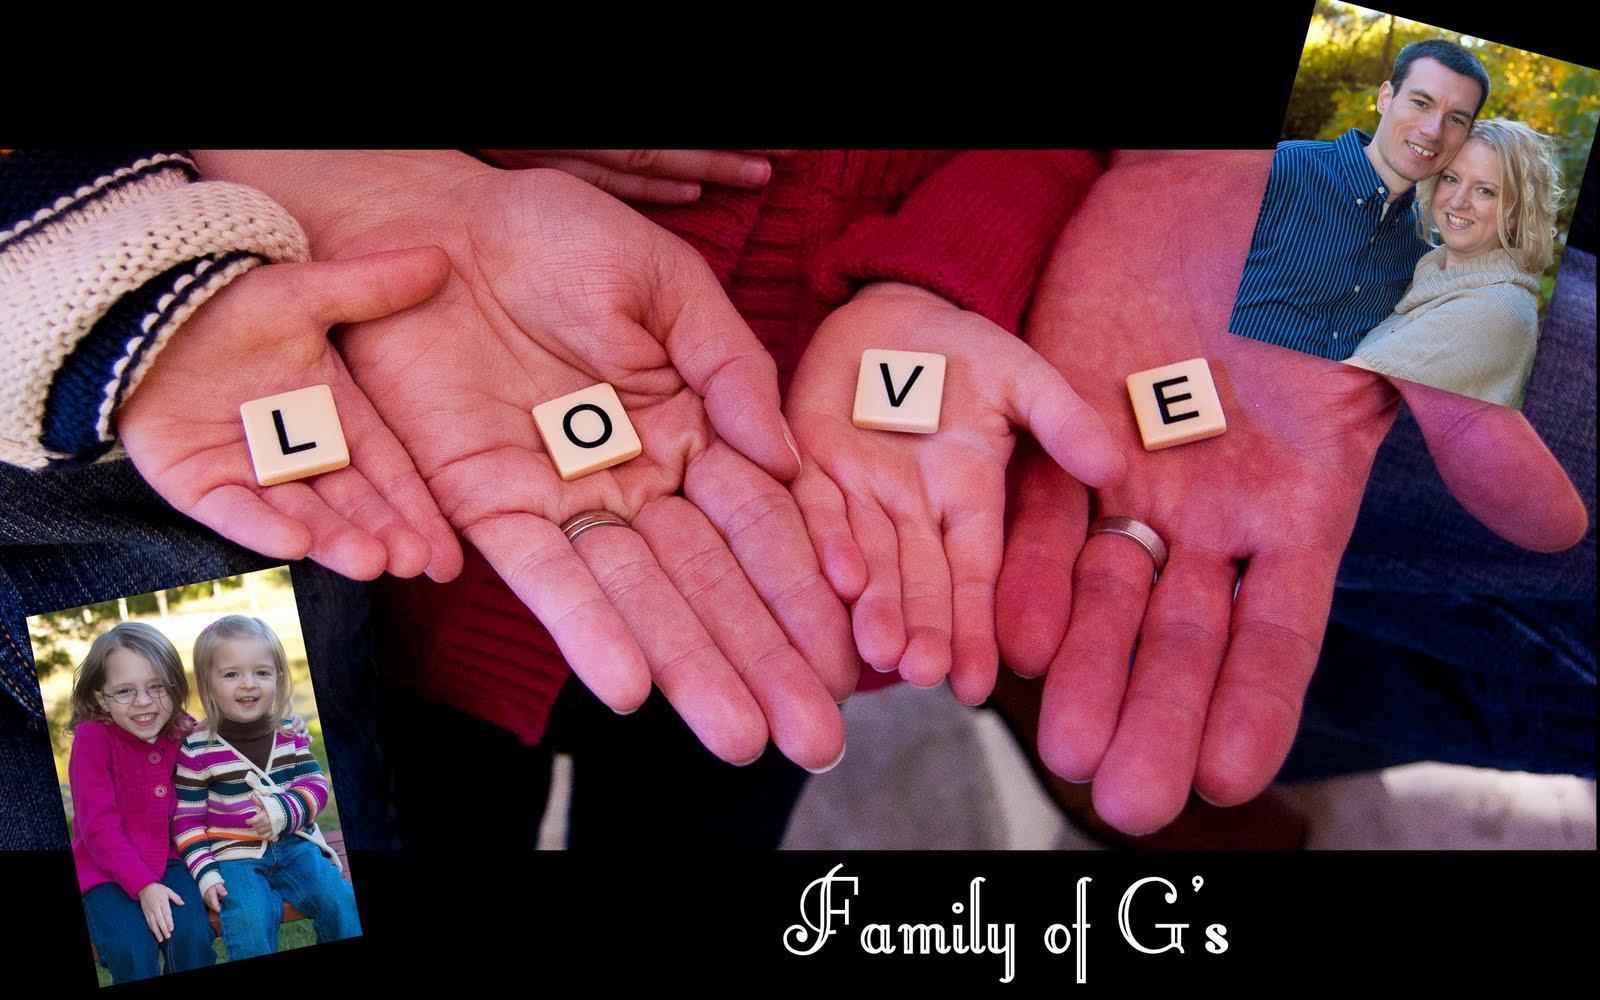 Family of G's